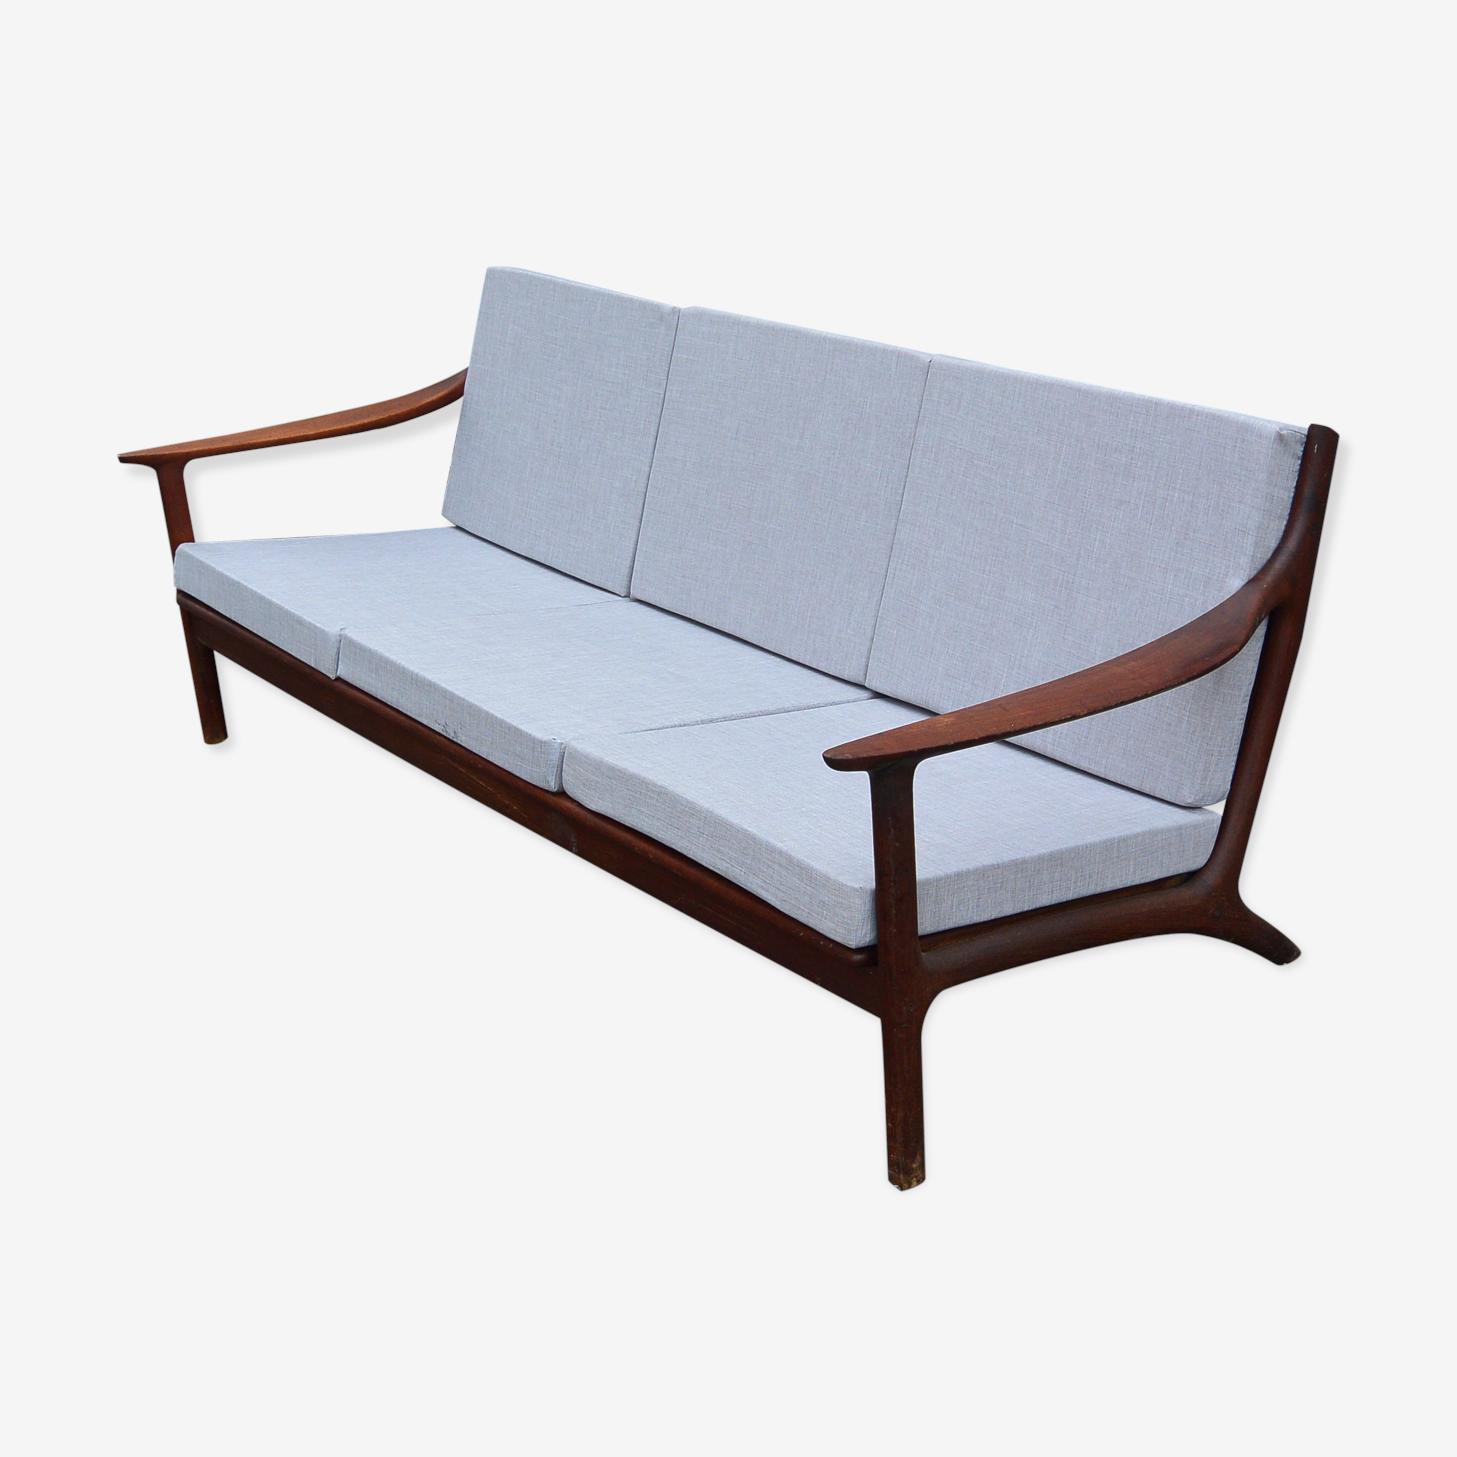 Canapé scandinave 3 places des années 60